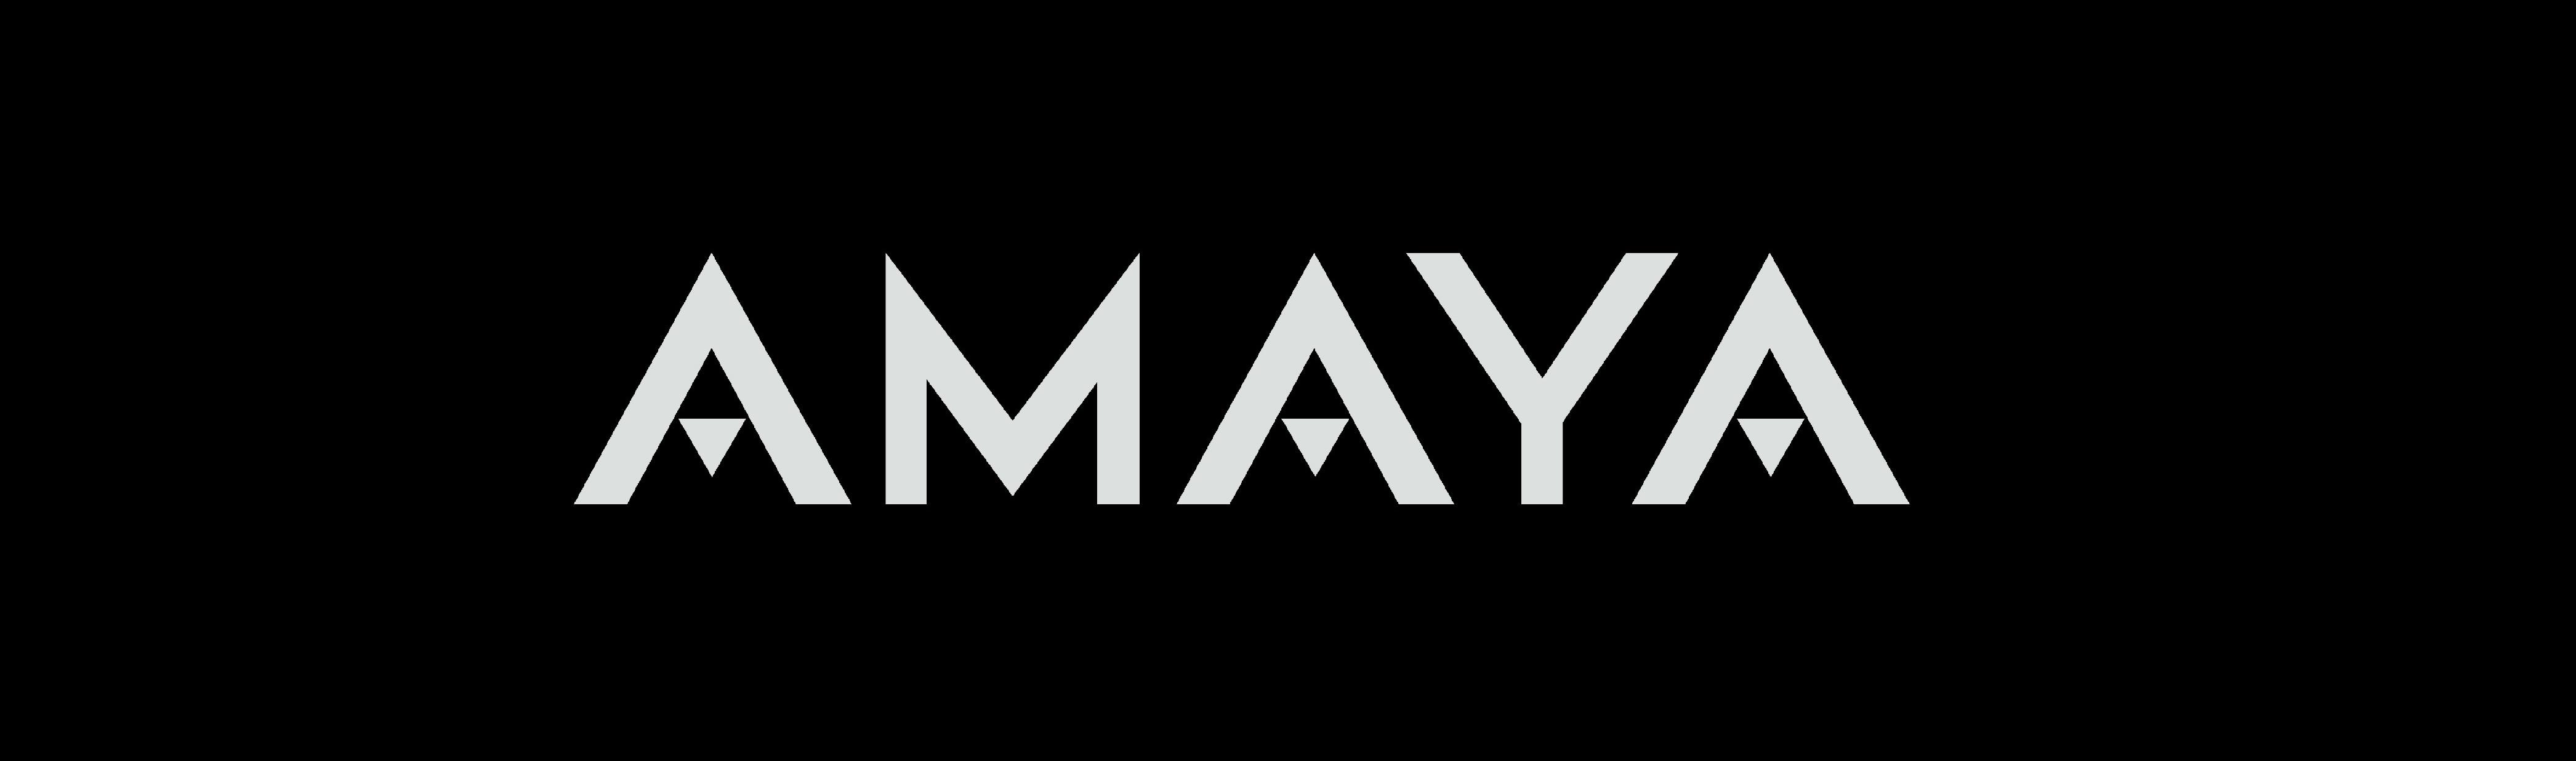 Amaya nomme un conseiller financier après une proposition informelle de rachat